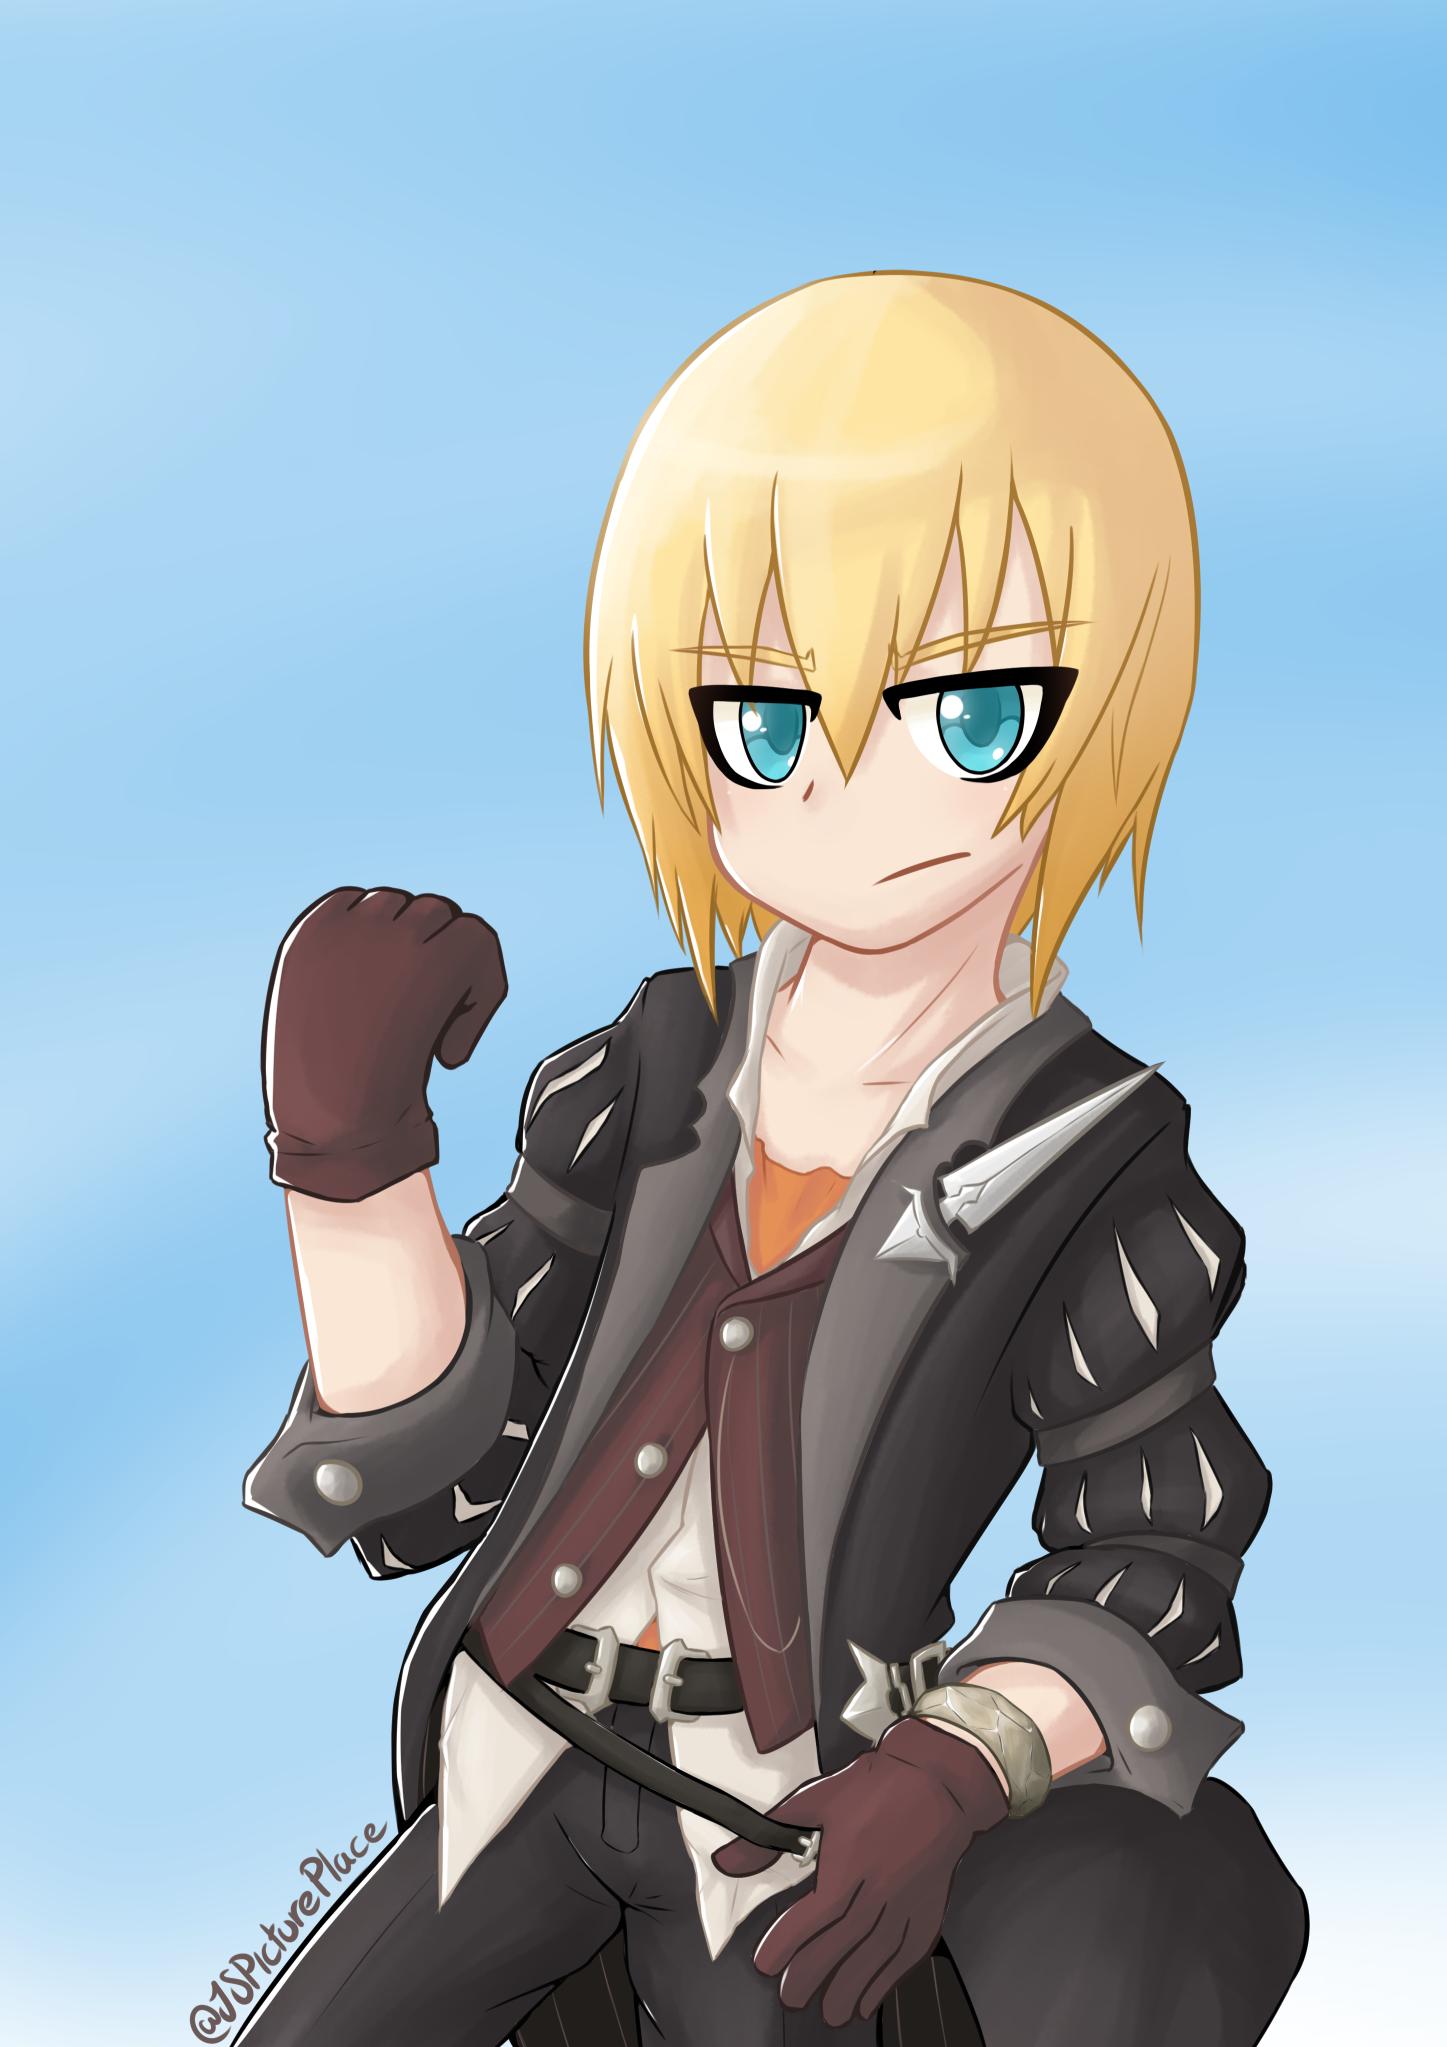 Eizen the best Onii-chan